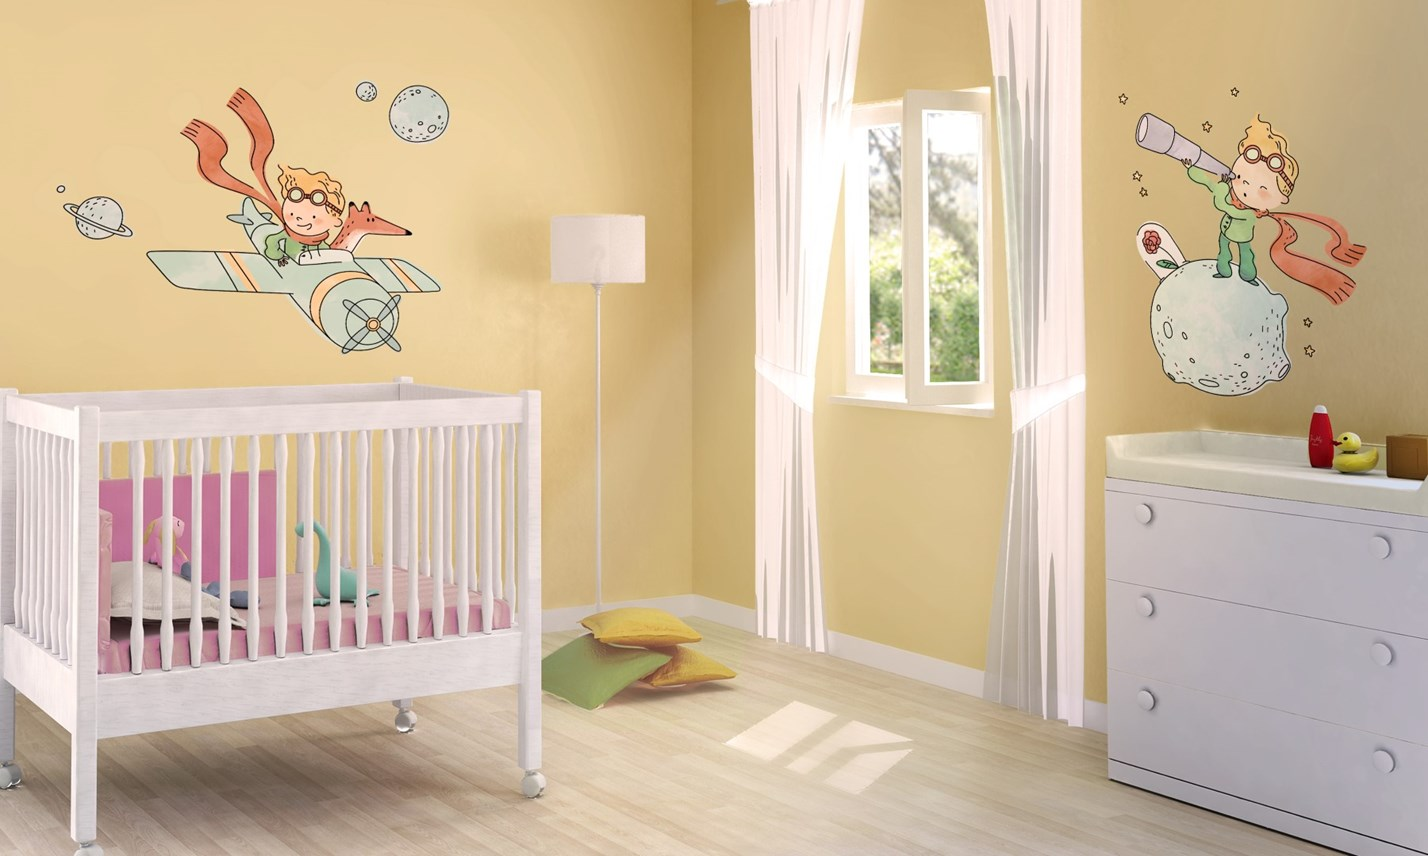 Decorare Pareti Cameretta Bambini : Stickers murali bambini cameretta il piccolo principe